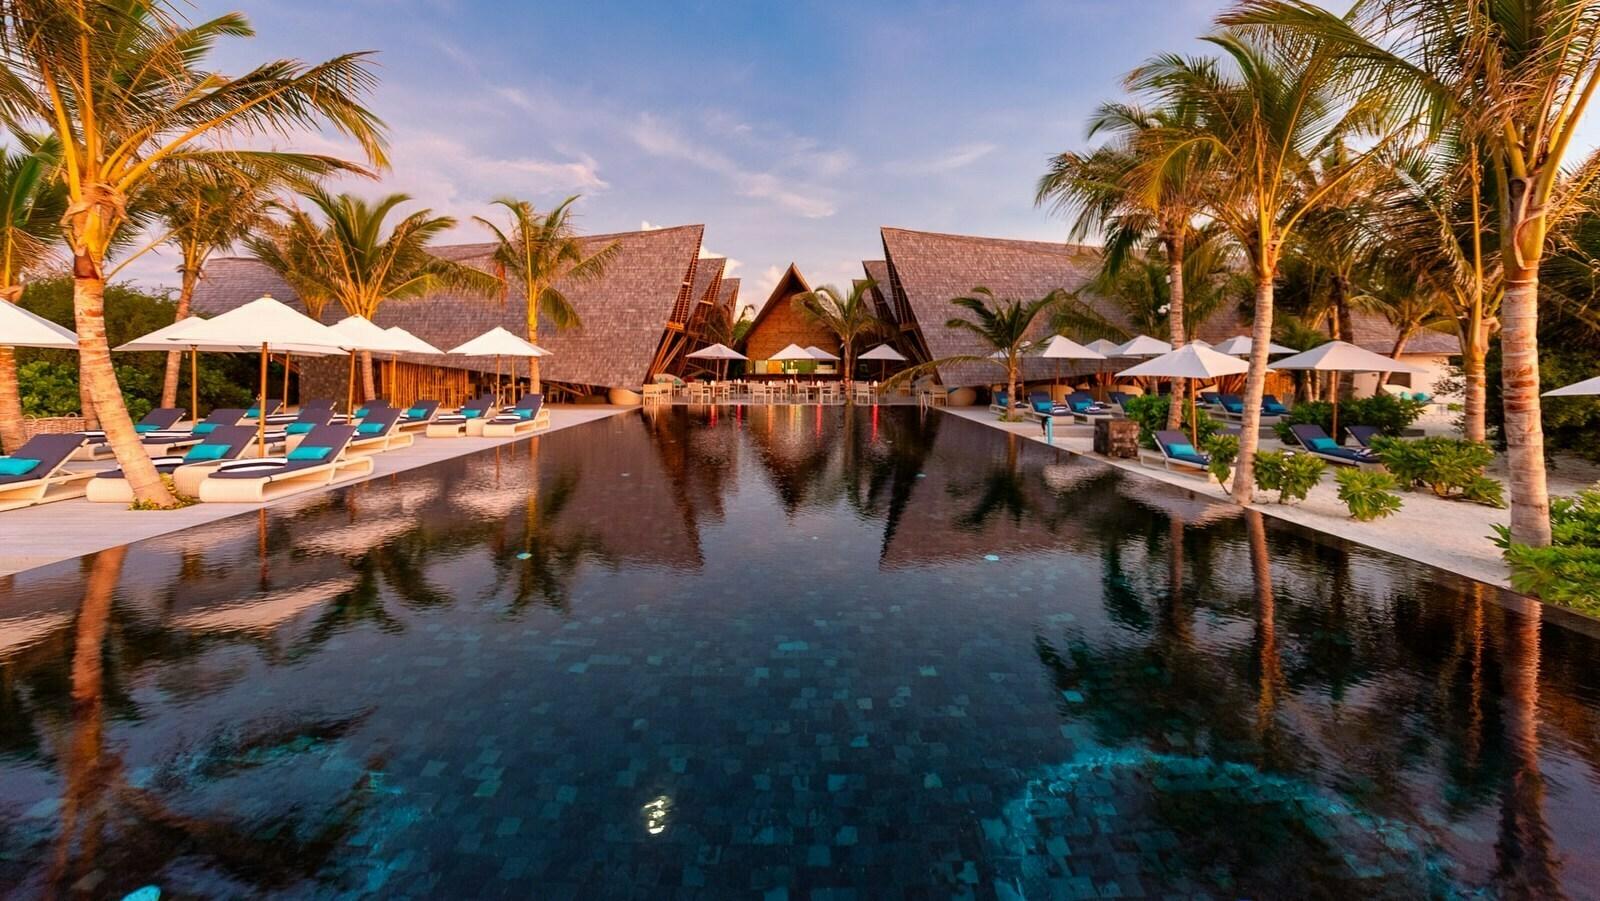 Мальдивы, отель Movenpick Resort Kuredhivaru Maldives, ресторан Latitude 5.5